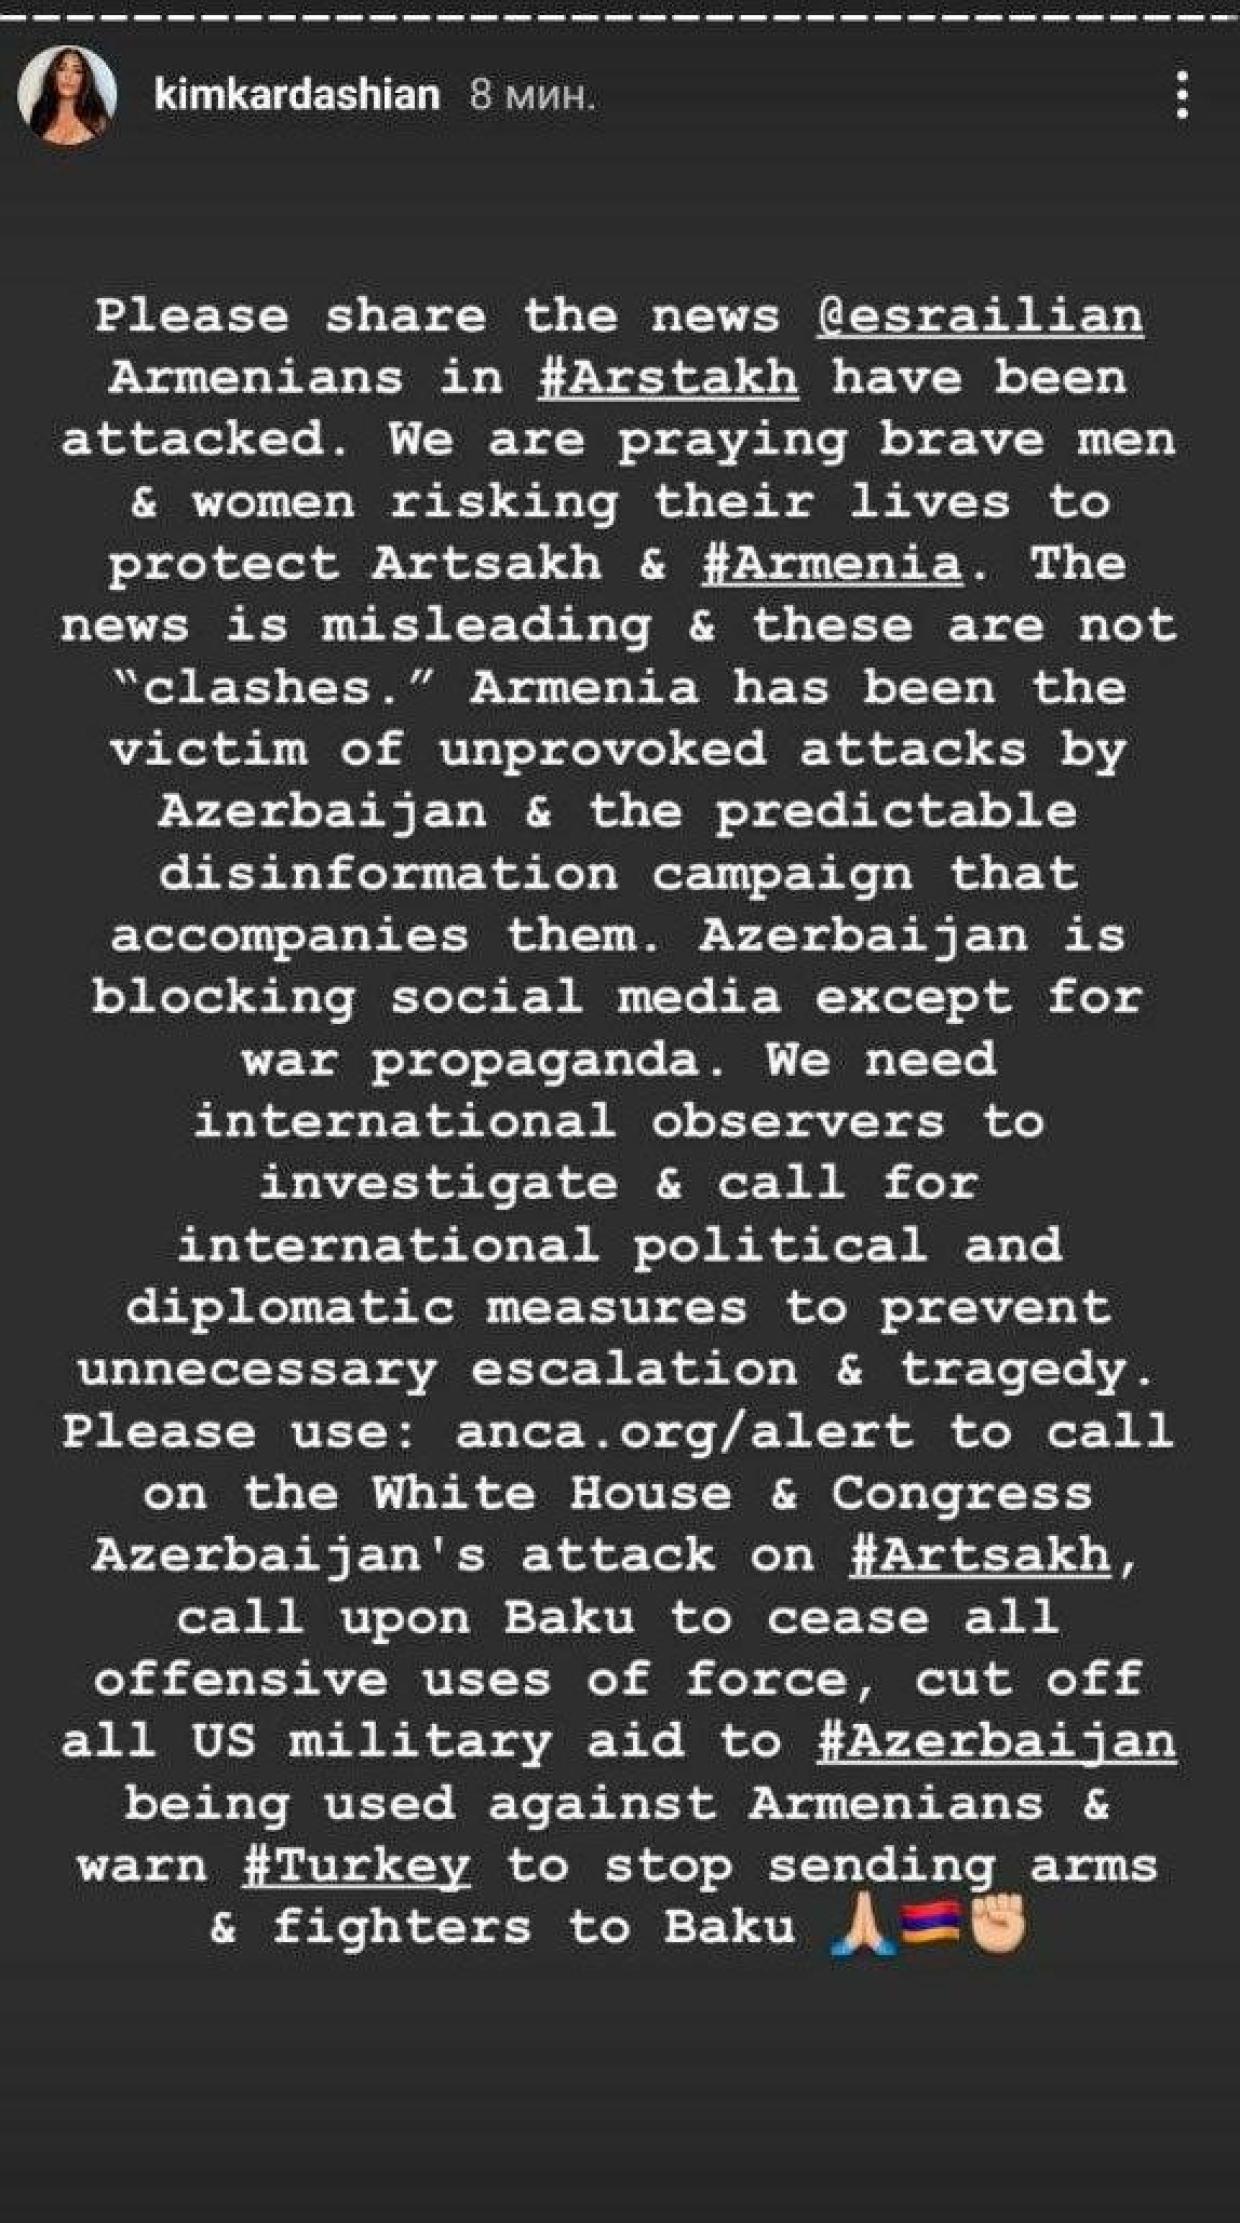 Кардашьян призвала подписчиков помочь предотвратить войну в Карабахе